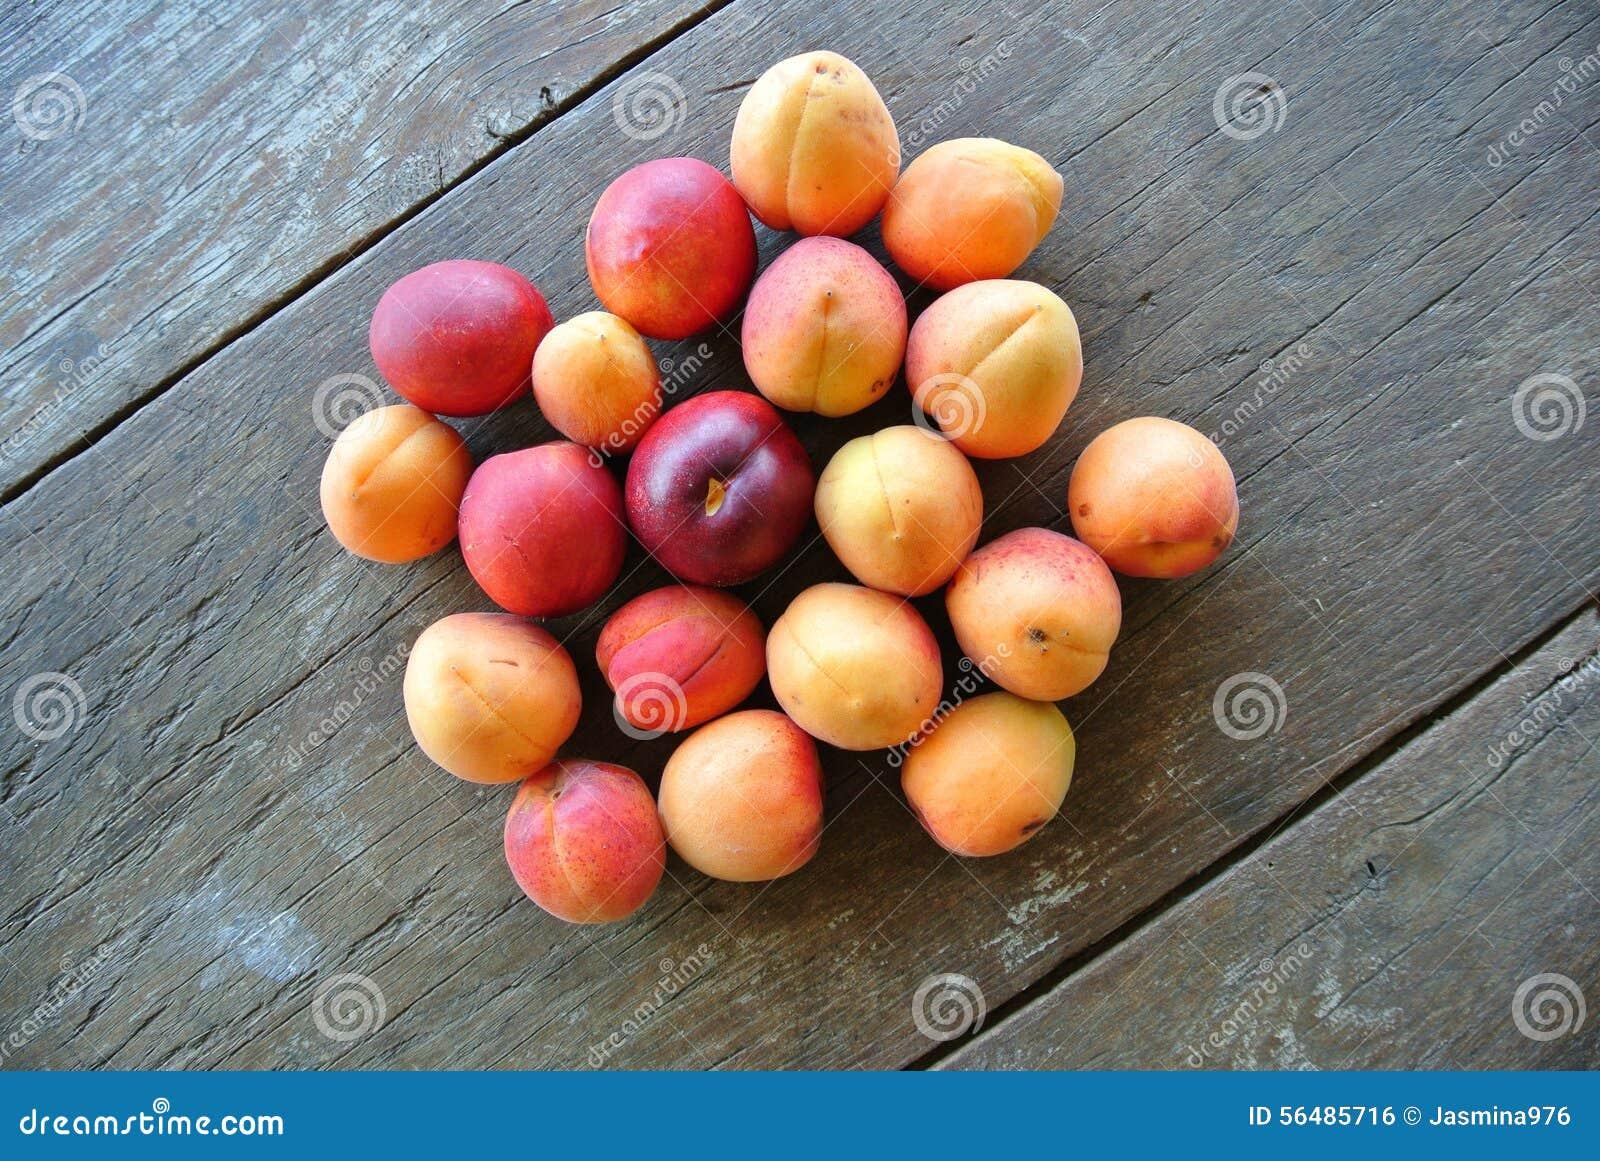 Groupe d abricots oranges mûrs sur la table en bois rustique